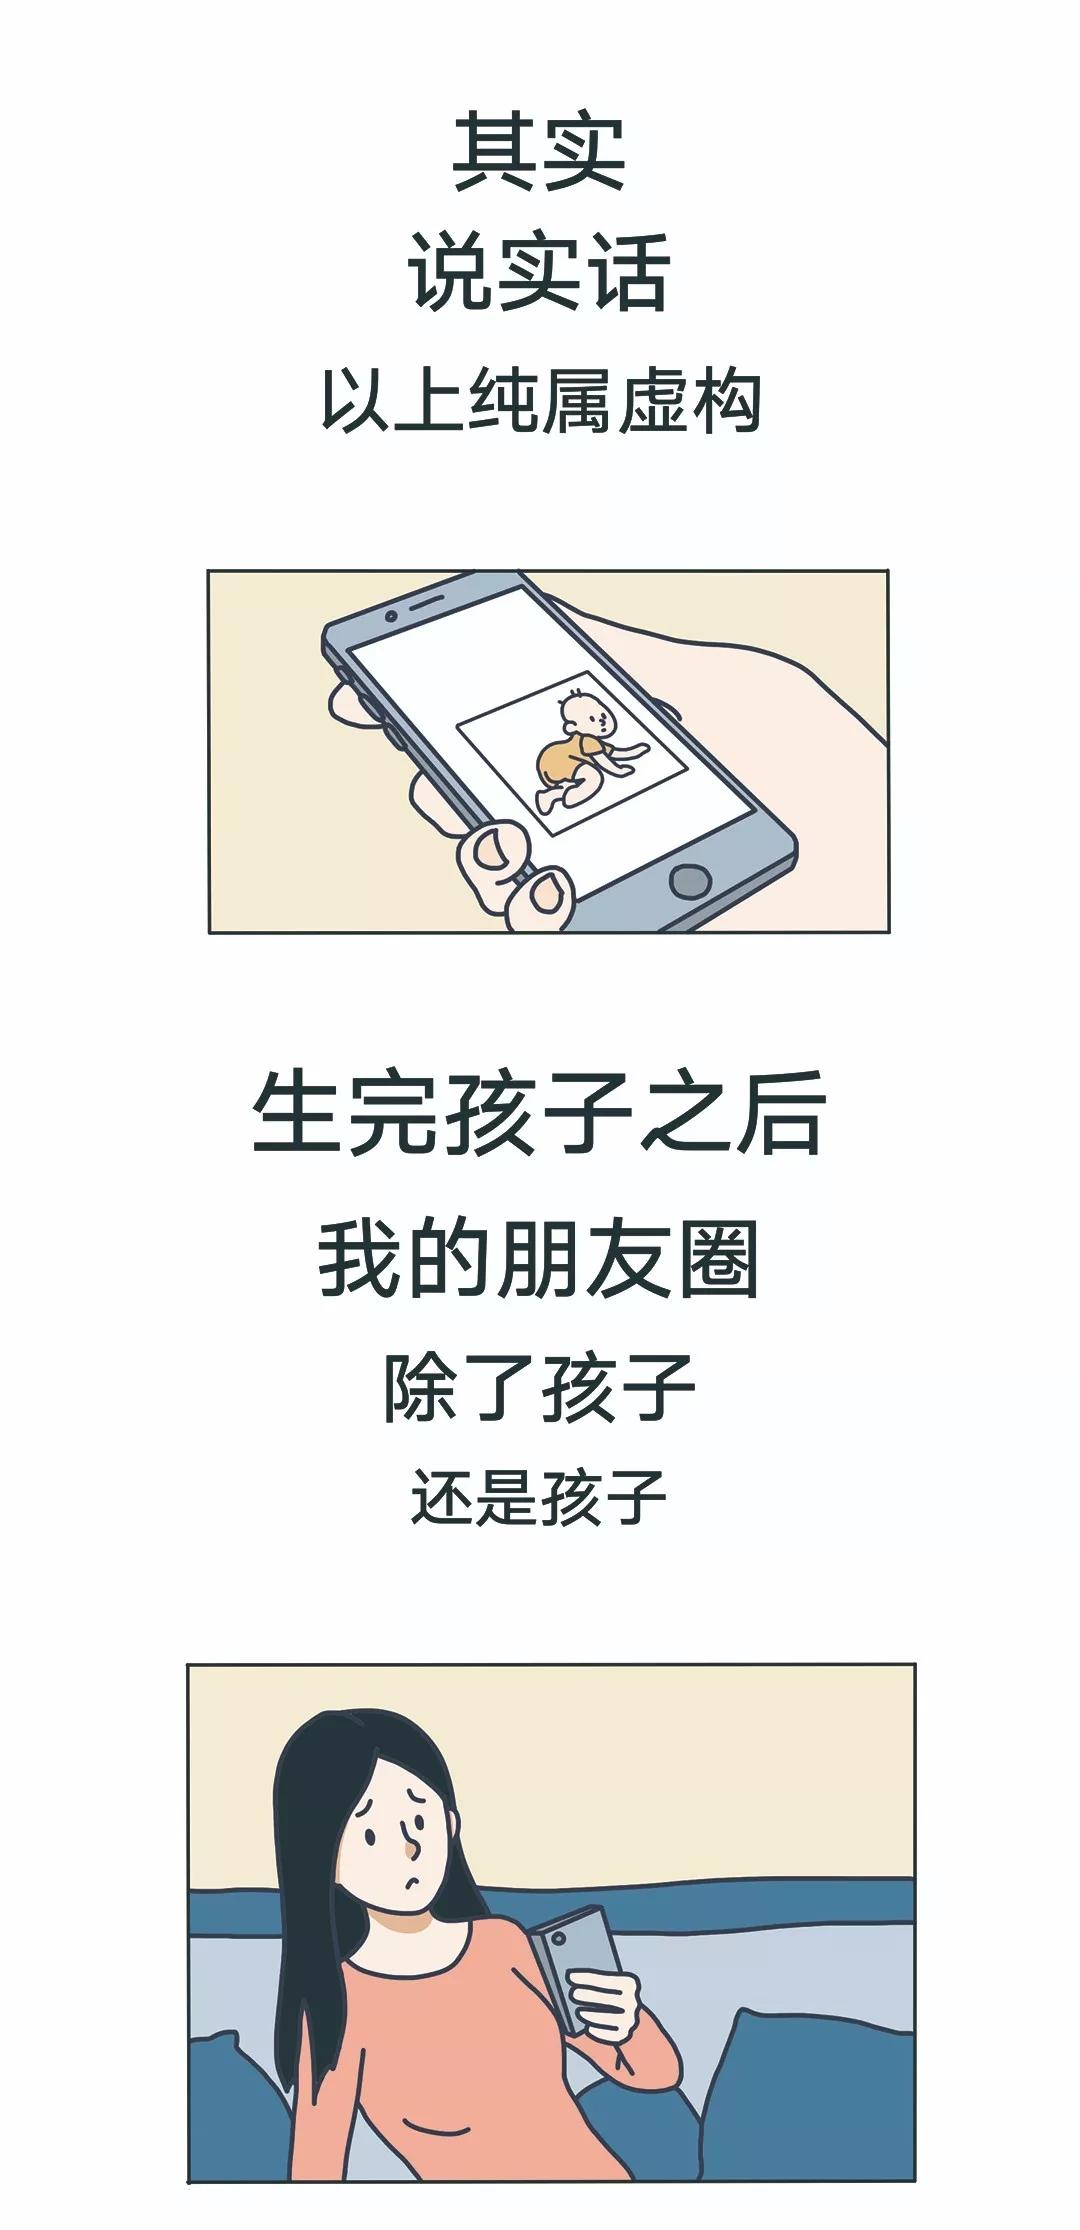 图3.webp.jpg